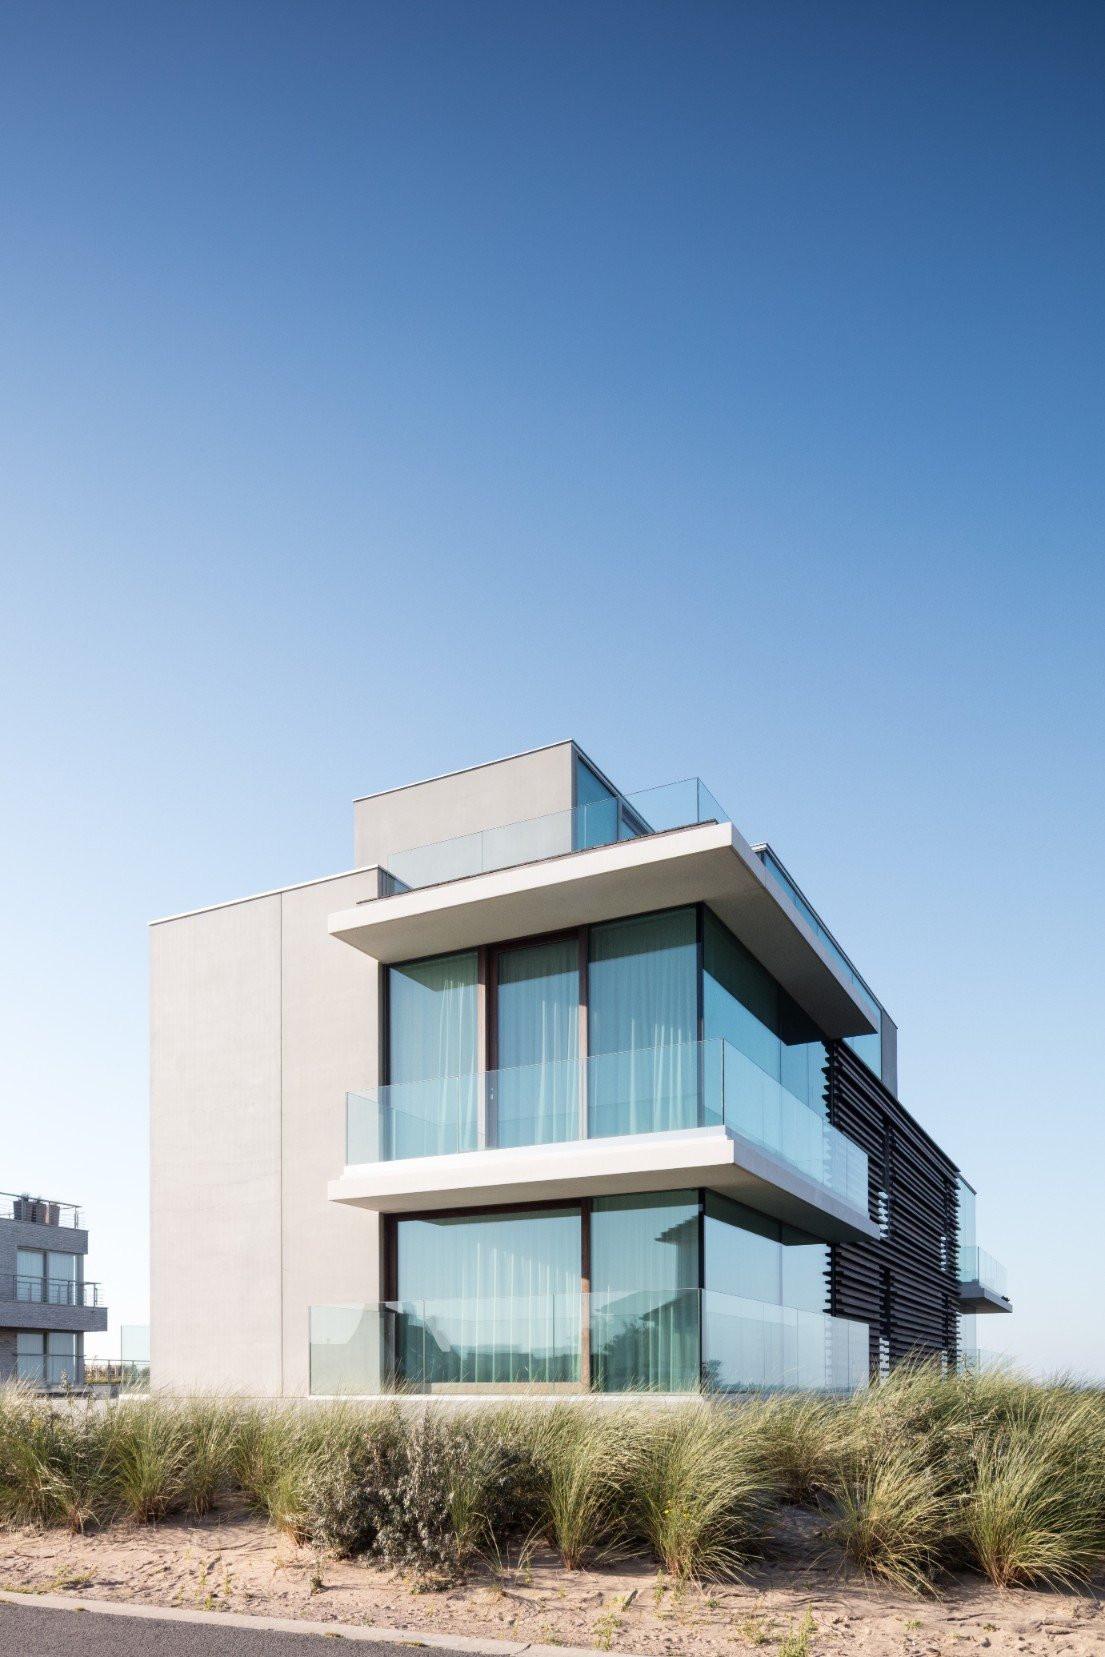 Rietveldprojects-Niemeyer-appartement-design-architectuur-kust-tvdv_1105x0.jpg